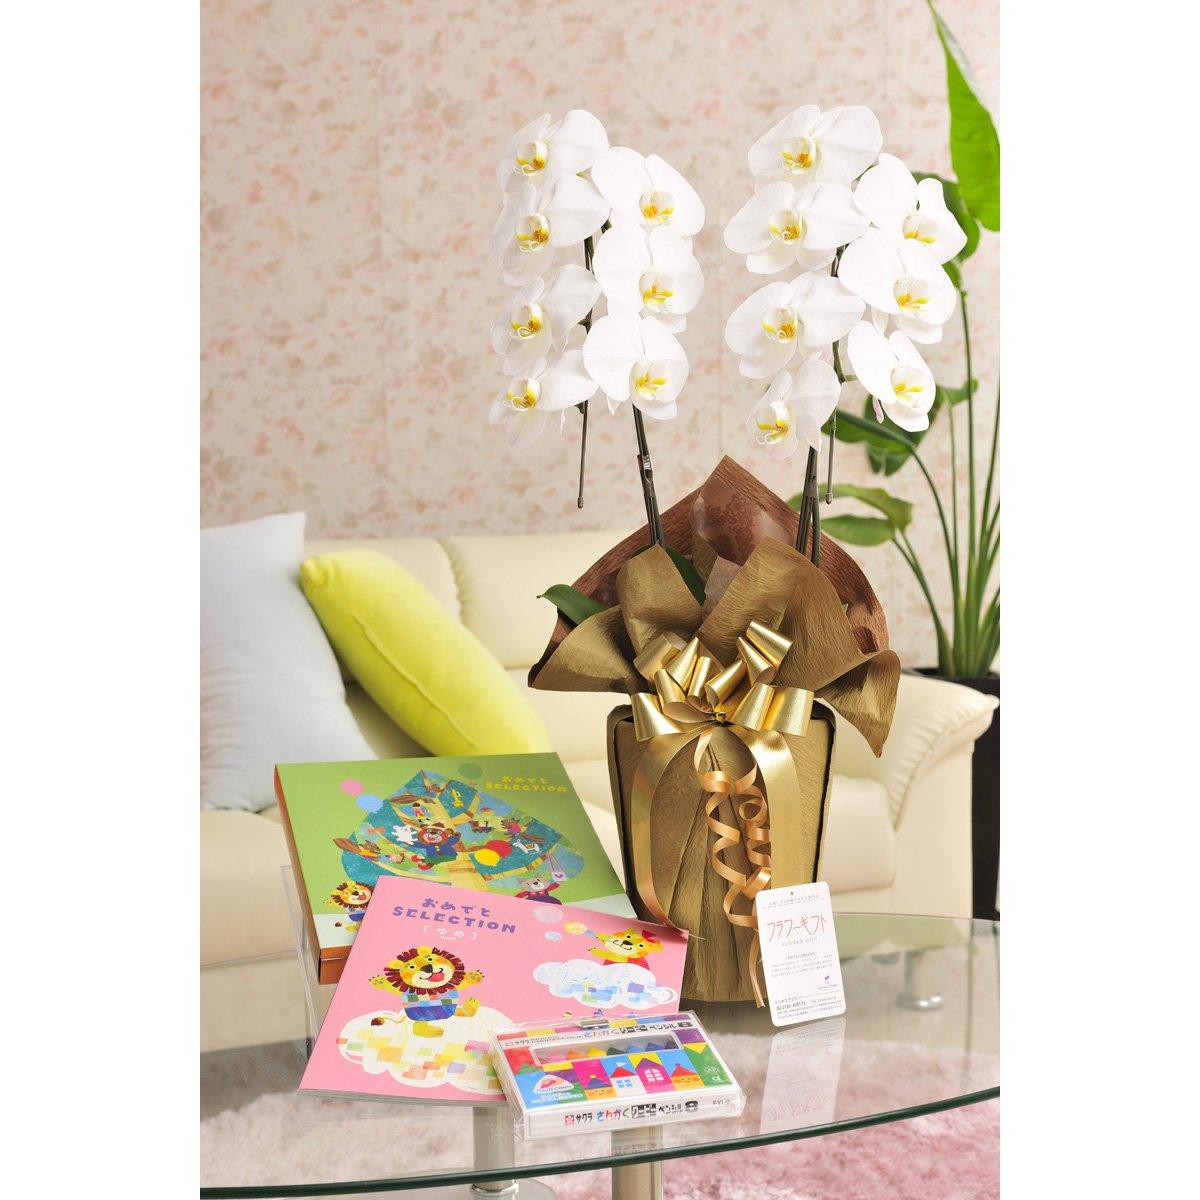 花とギフトのセット 胡蝶蘭 大輪2本立とぬり絵&クーピー付きベビー幼児用カタログギフト(おめでとうセレクション/ゆめ) B07DTHMGKN